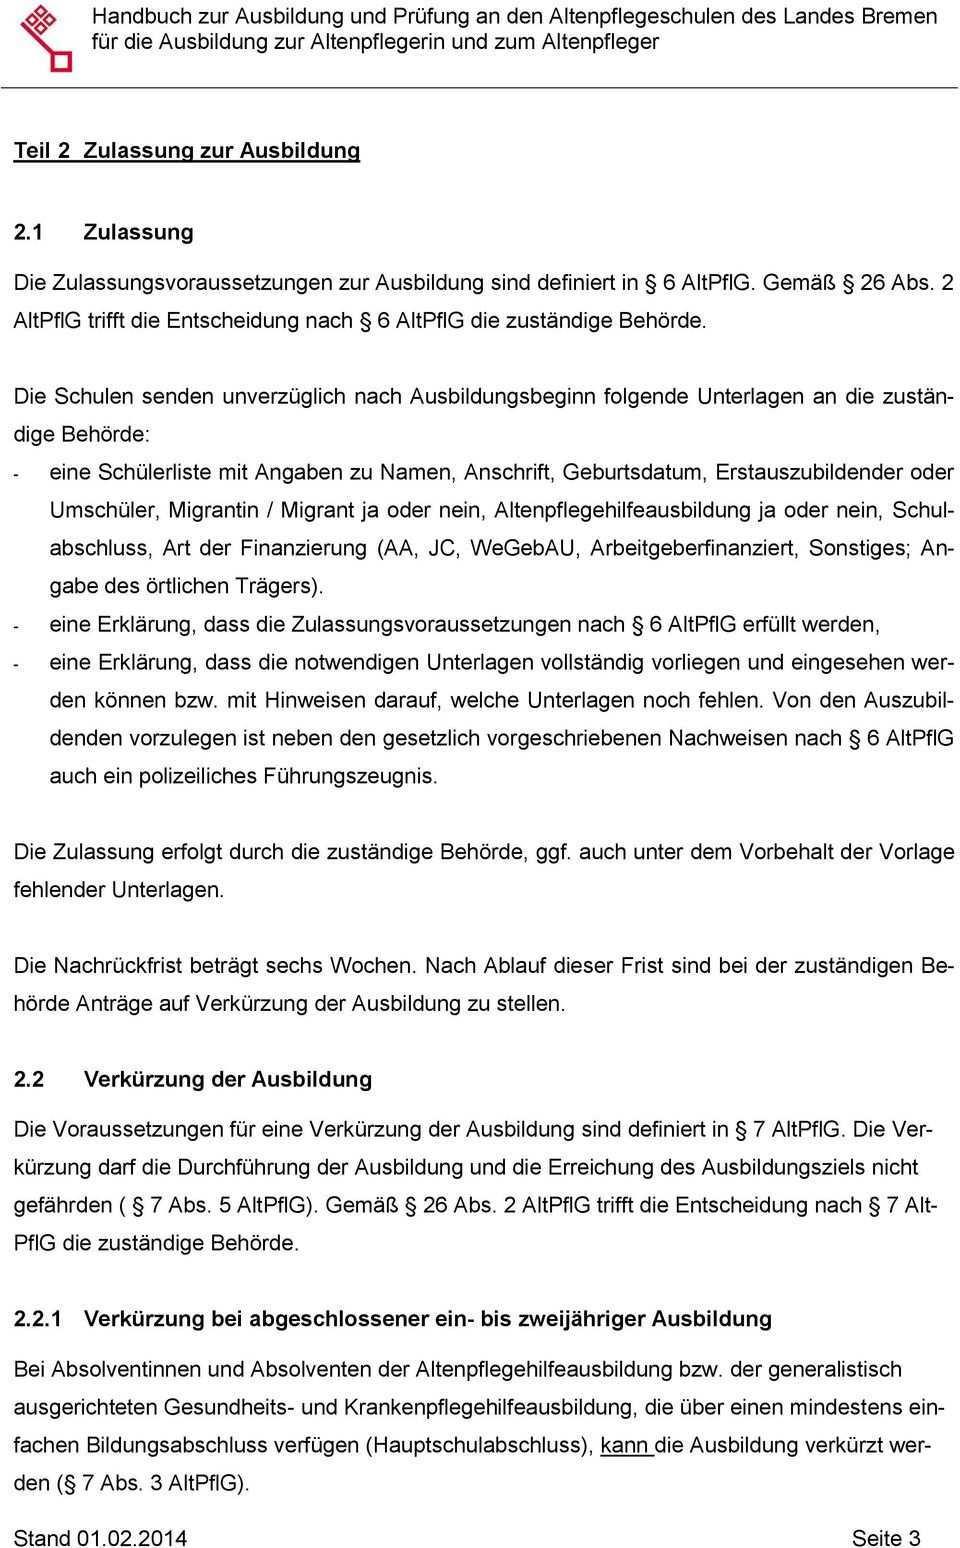 Handbuch Zur Ausbildung Und Prufung An Den Altenpflegeschulen Des Landes Bremen Fur Die Ausbildung Zur Altenpflegerin Und Zum Altenpfleger Pdf Free Download